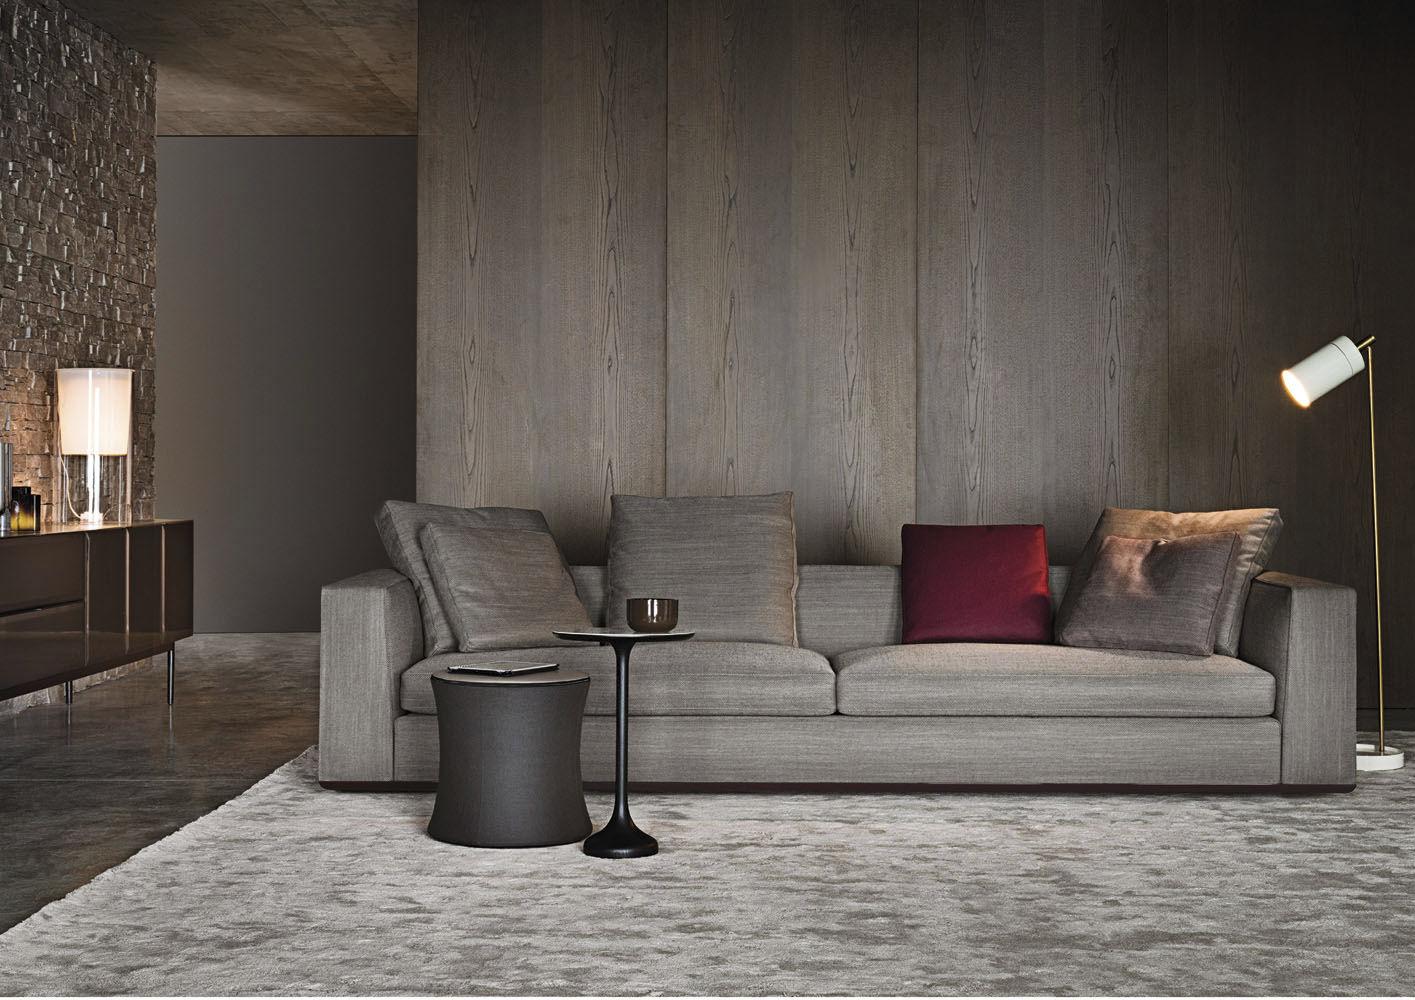 Mueble Peru Sakuray Muebles Personalizados # Muebles Personalizados